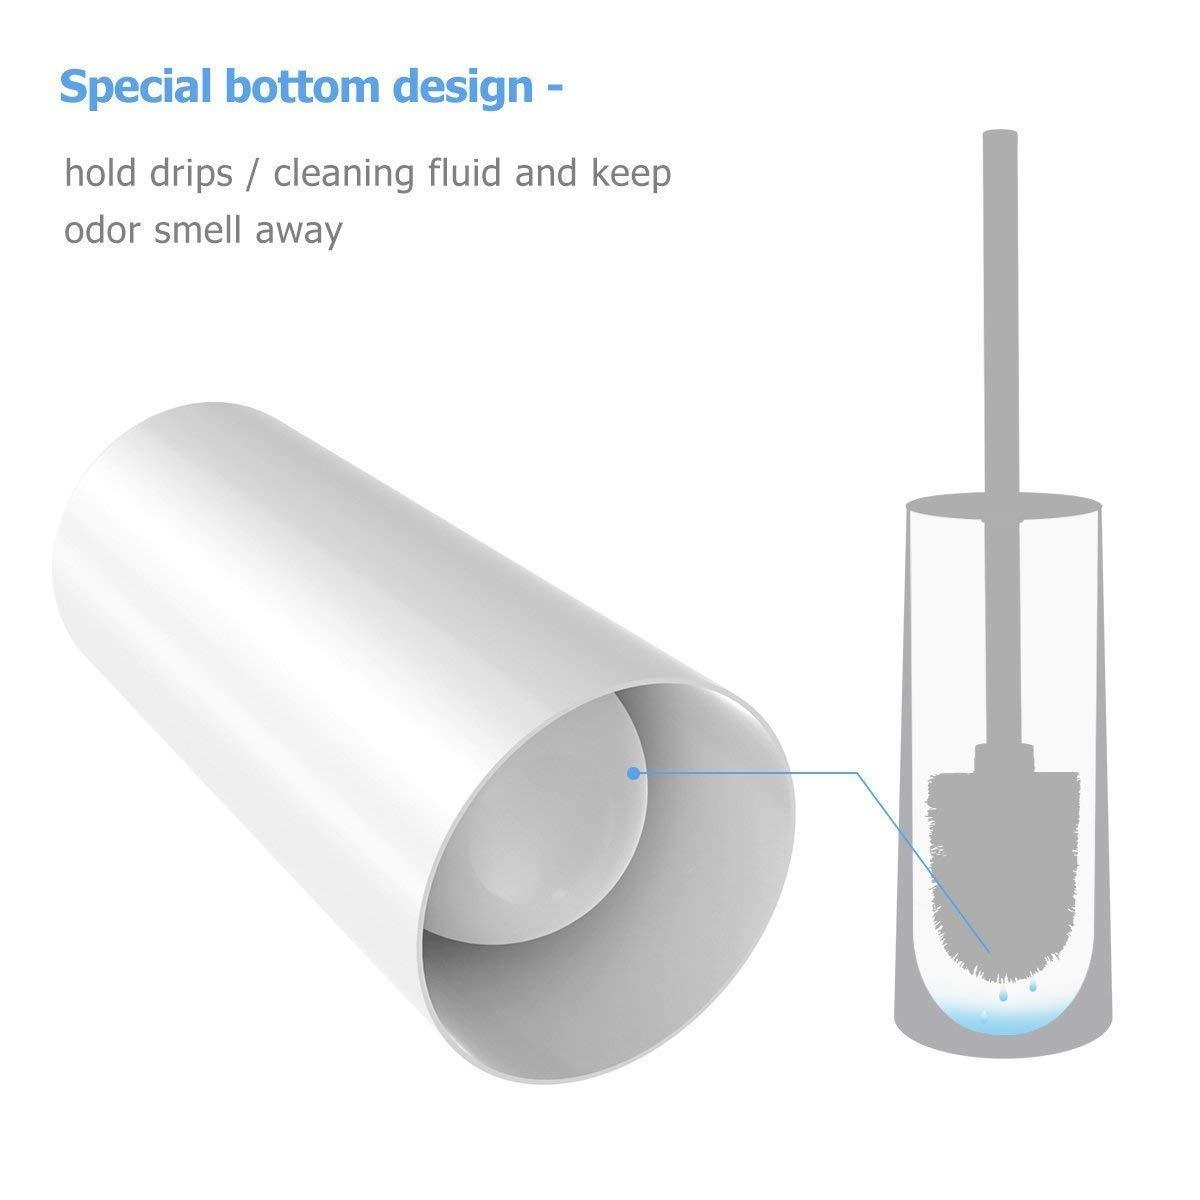 Homemaxs Toilet Brush and Holder Modern Design Longer Brush and Heavy Enough for Bathroom Toilet